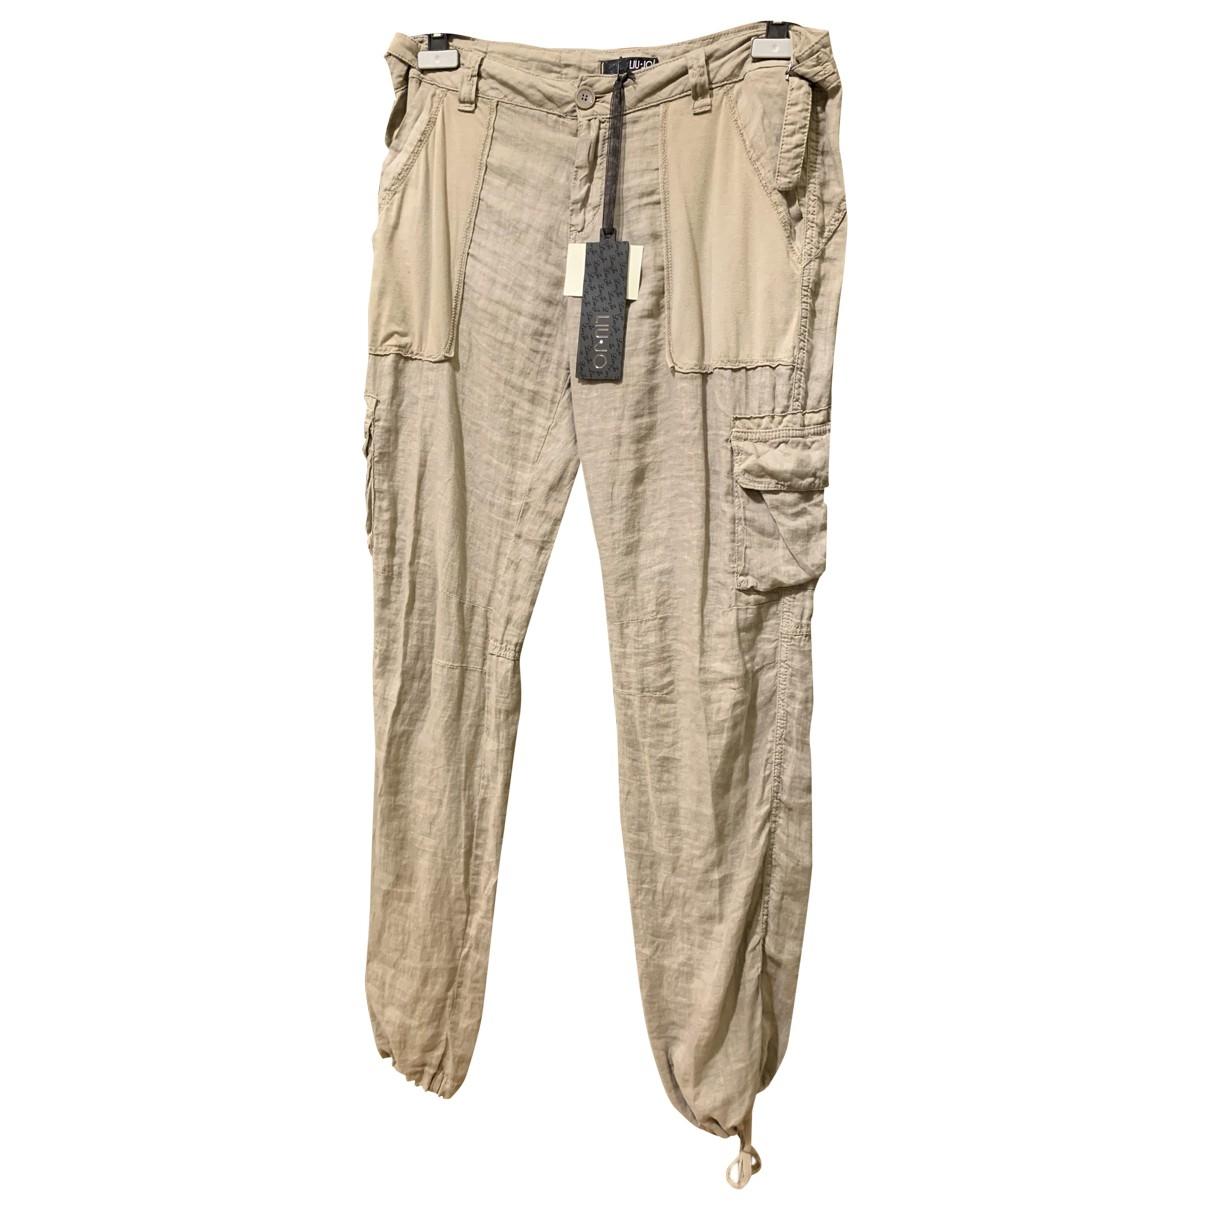 Pantalon largo de Lino Liu.jo